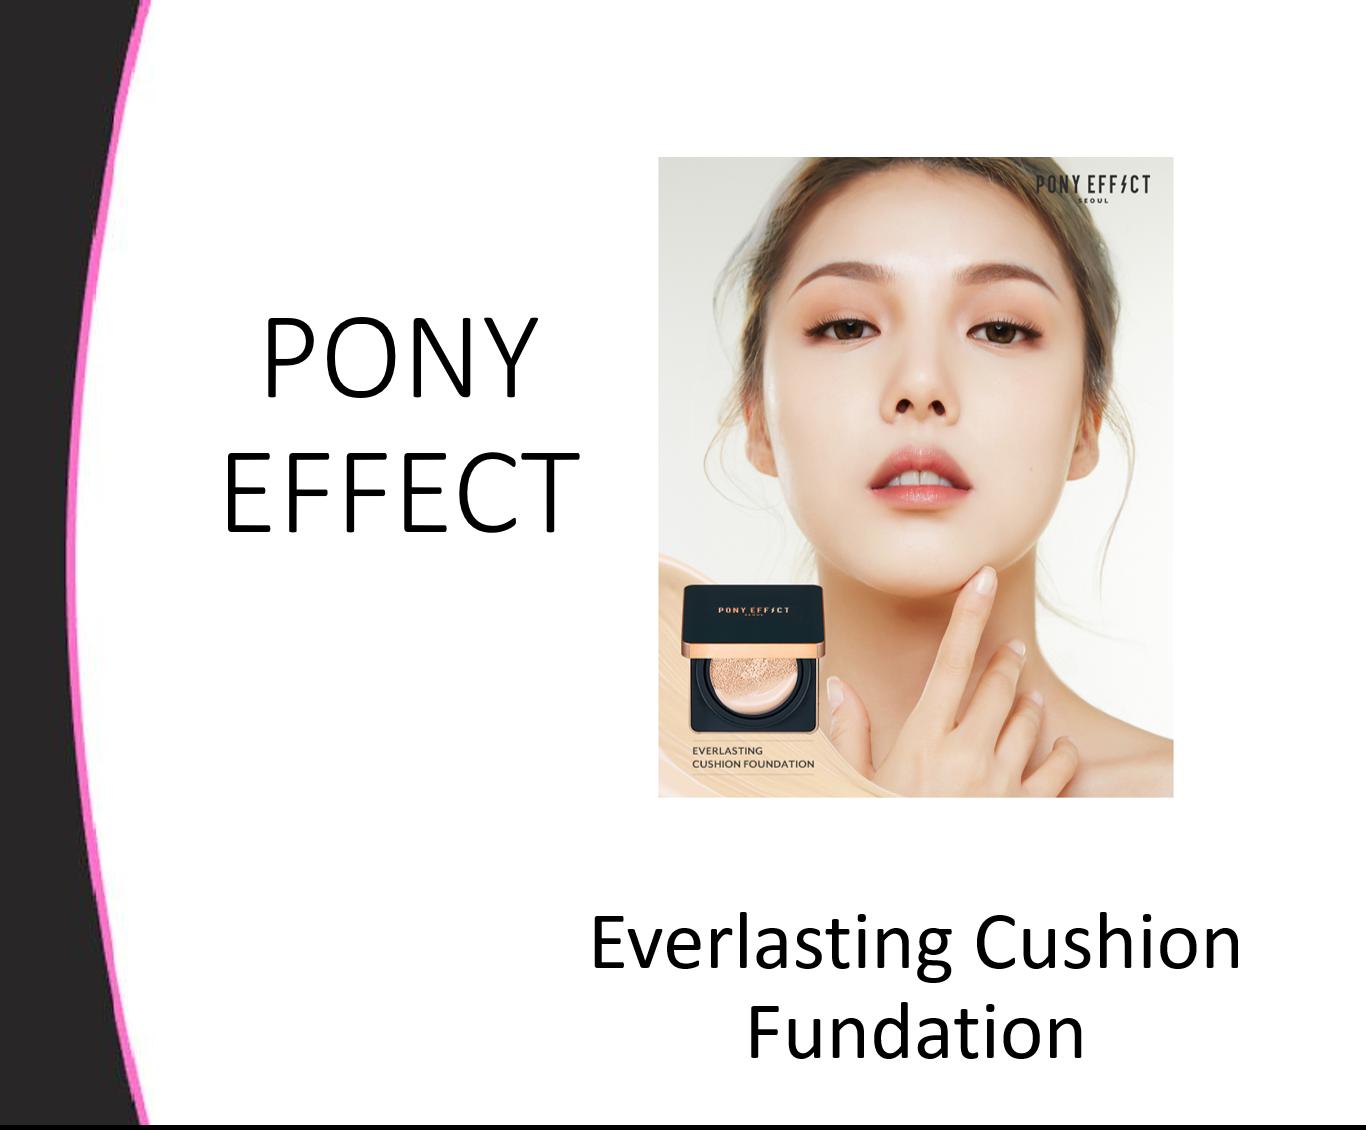 Pony Effect Everlasting Cushion Fundation